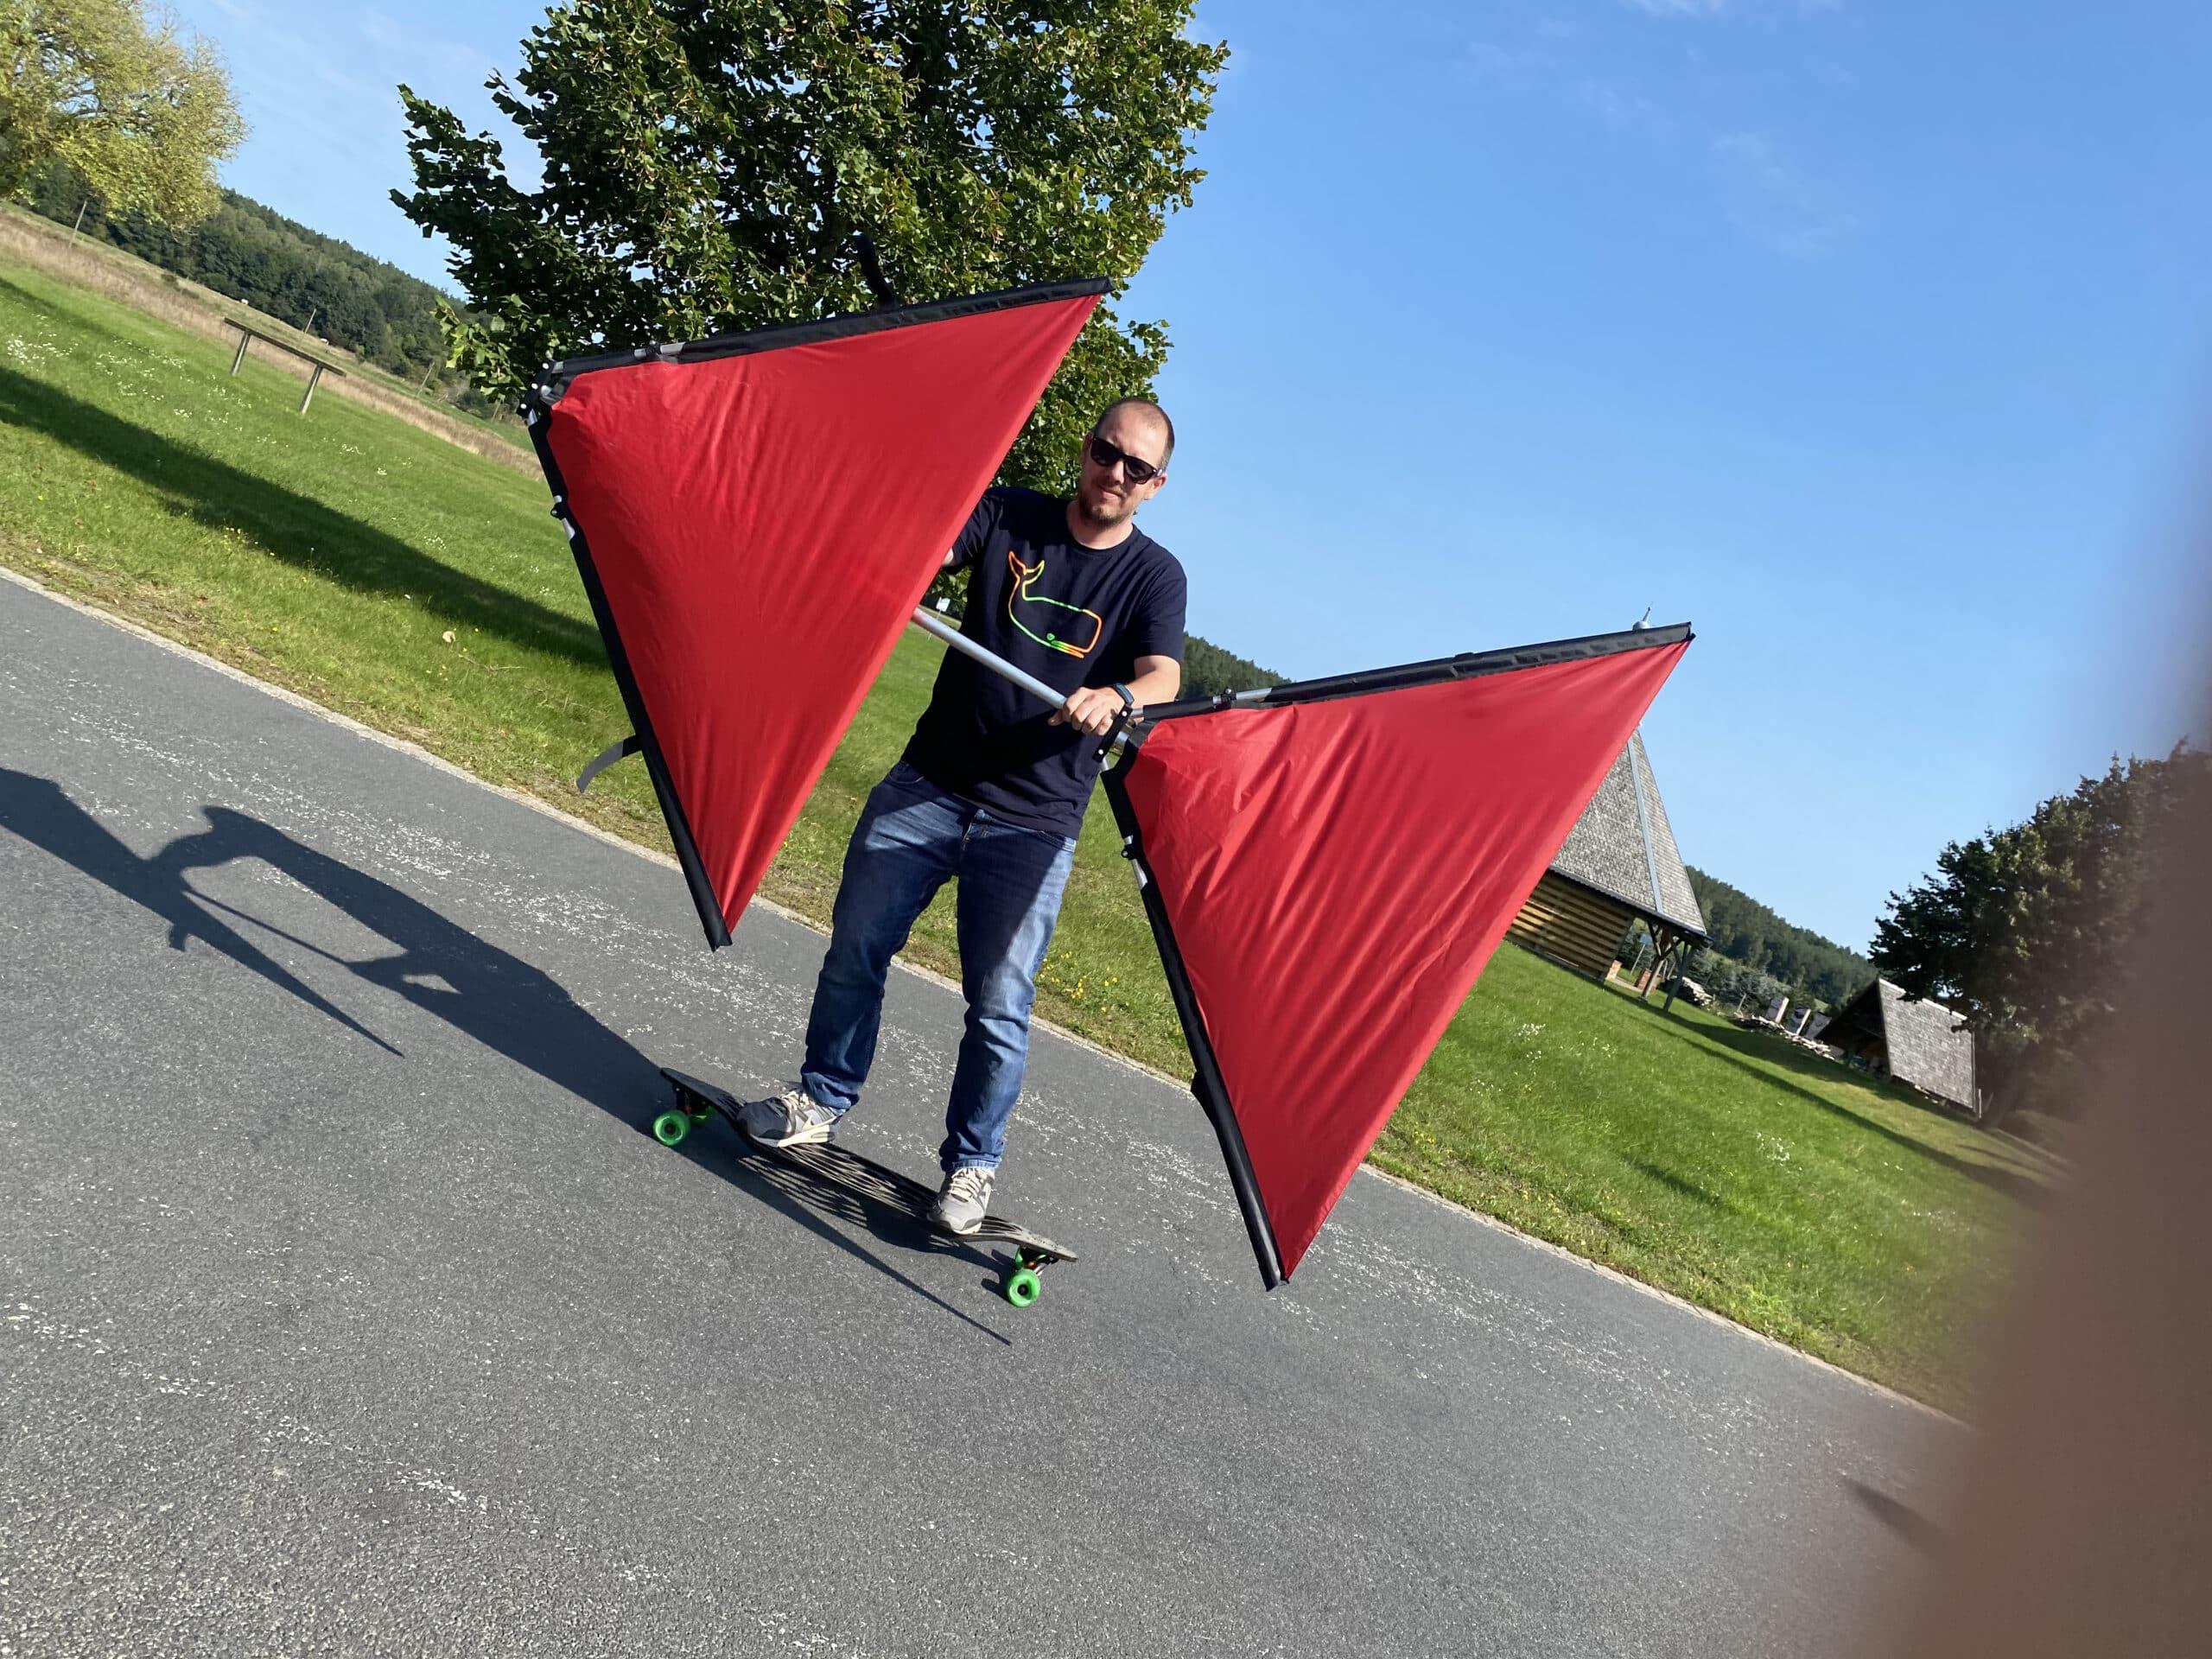 Skateboard Segel